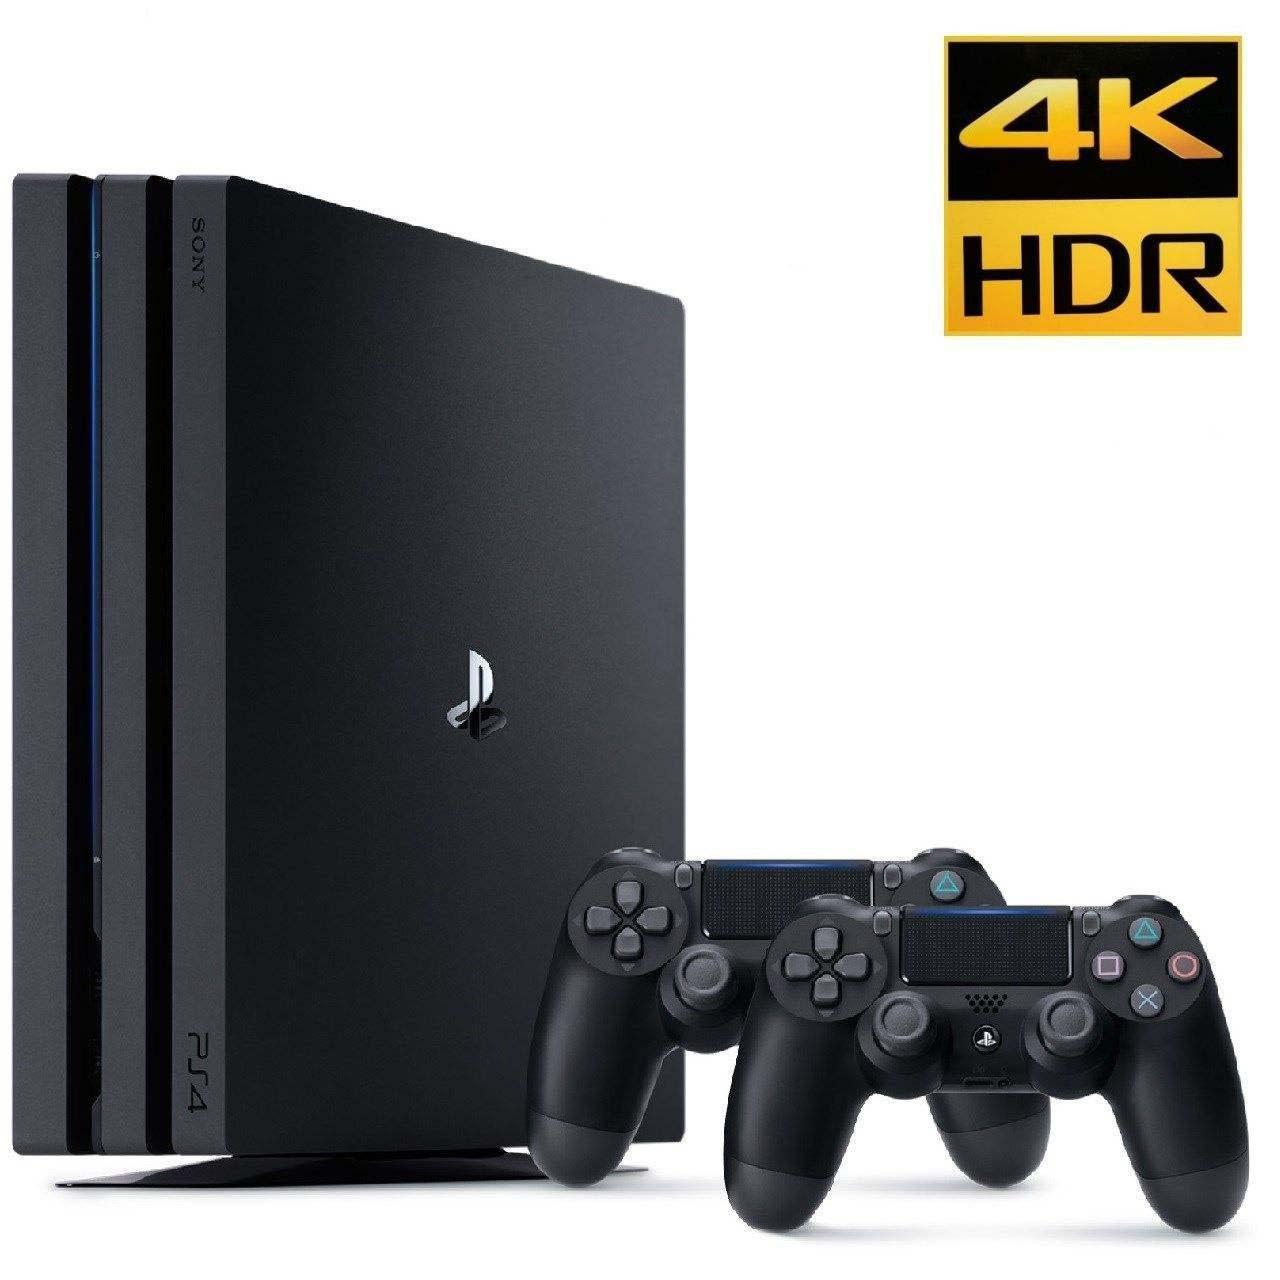 تصویر کنسول بازی سونی PlayStation 4 Pro ظرفیت 1 ترابایت | پلی استیشن 4 پرو + یک دسته اضافه Sony Playstation 4 Pro R2 CUH-7216 1TB With Double Controller